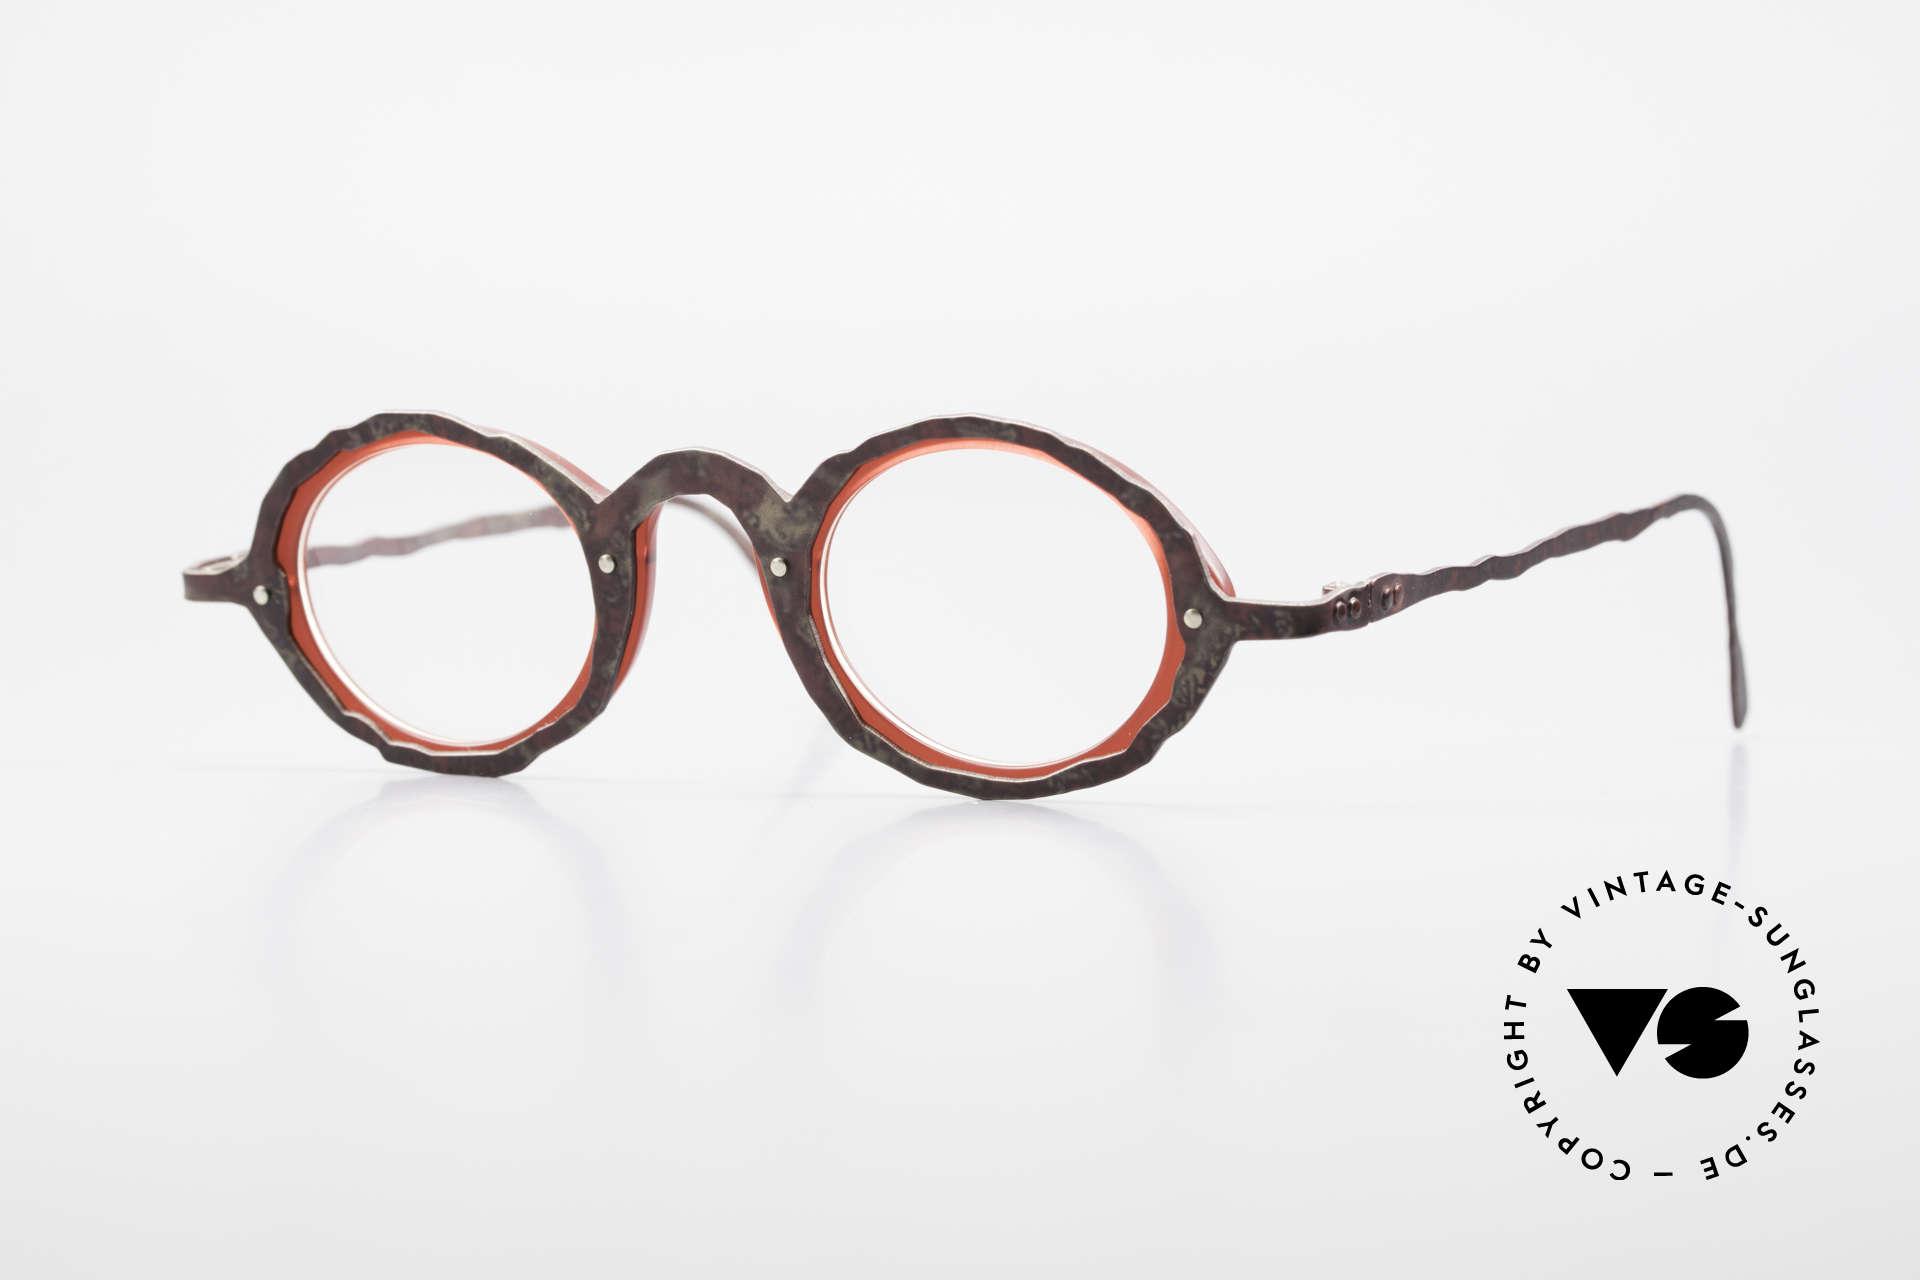 Theo Belgium Eye-Witness GG Avantgarde Brille 90er Jahre, vintage Theo Brille der Eye-Witness (Augenzeuge) Serie, Passend für Herren und Damen